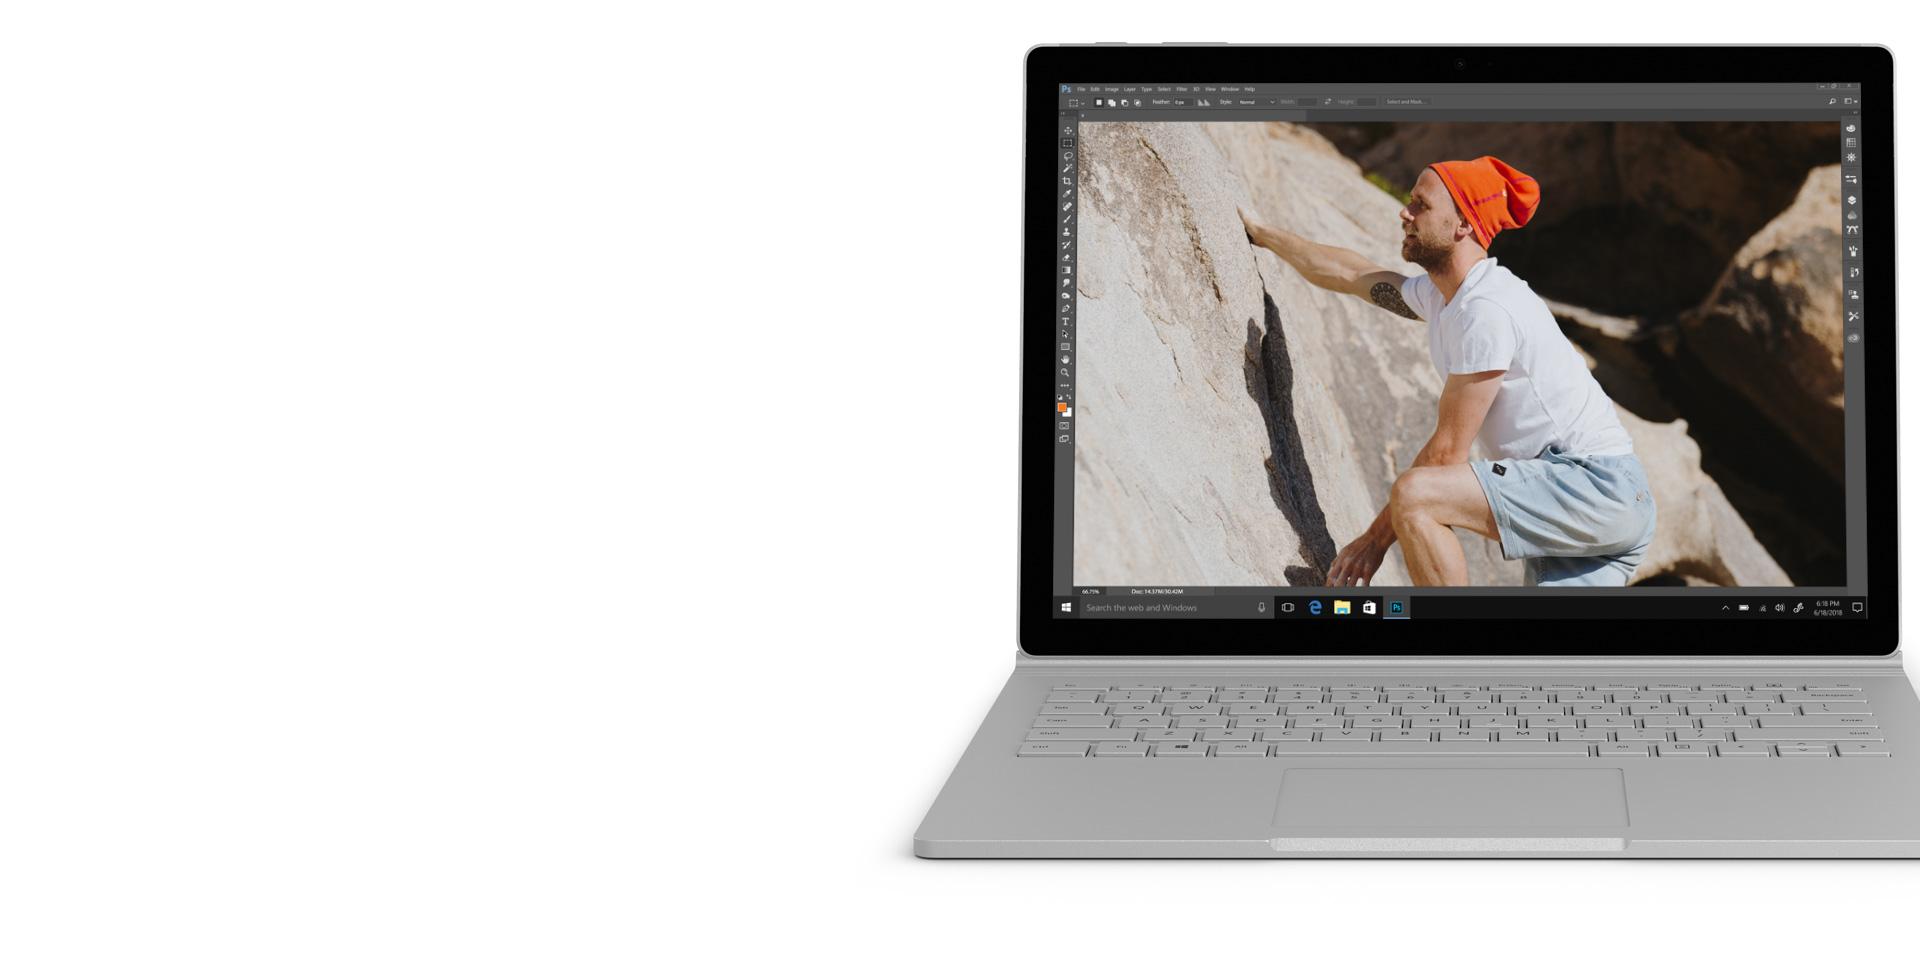 Adobe Photoshop na wyświetlaczu urządzenia Surface Book 2